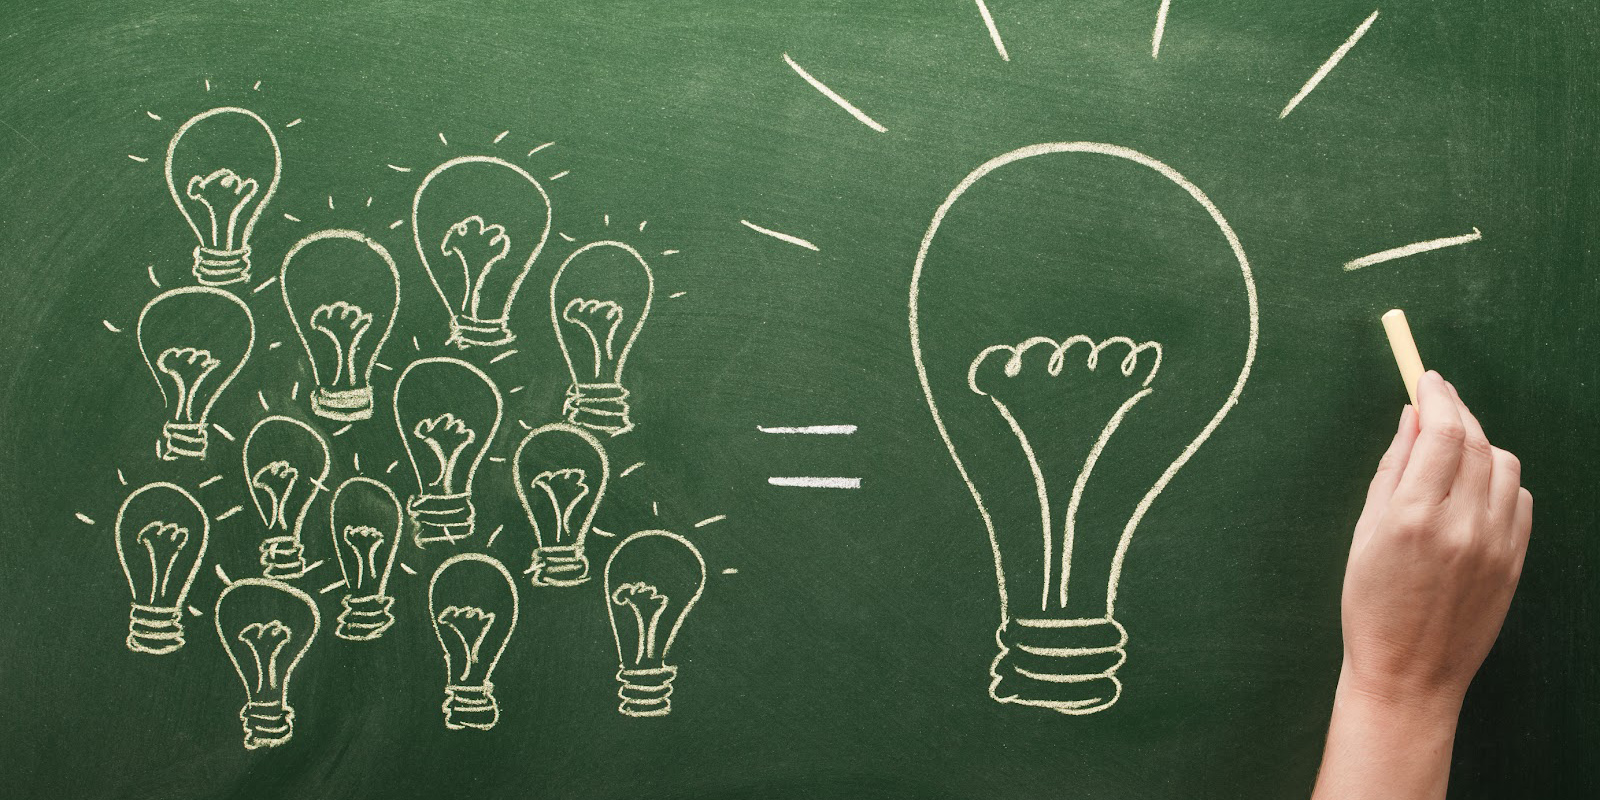 پنج توصیه برای رسیدن به تصمیمات شغلی معقول